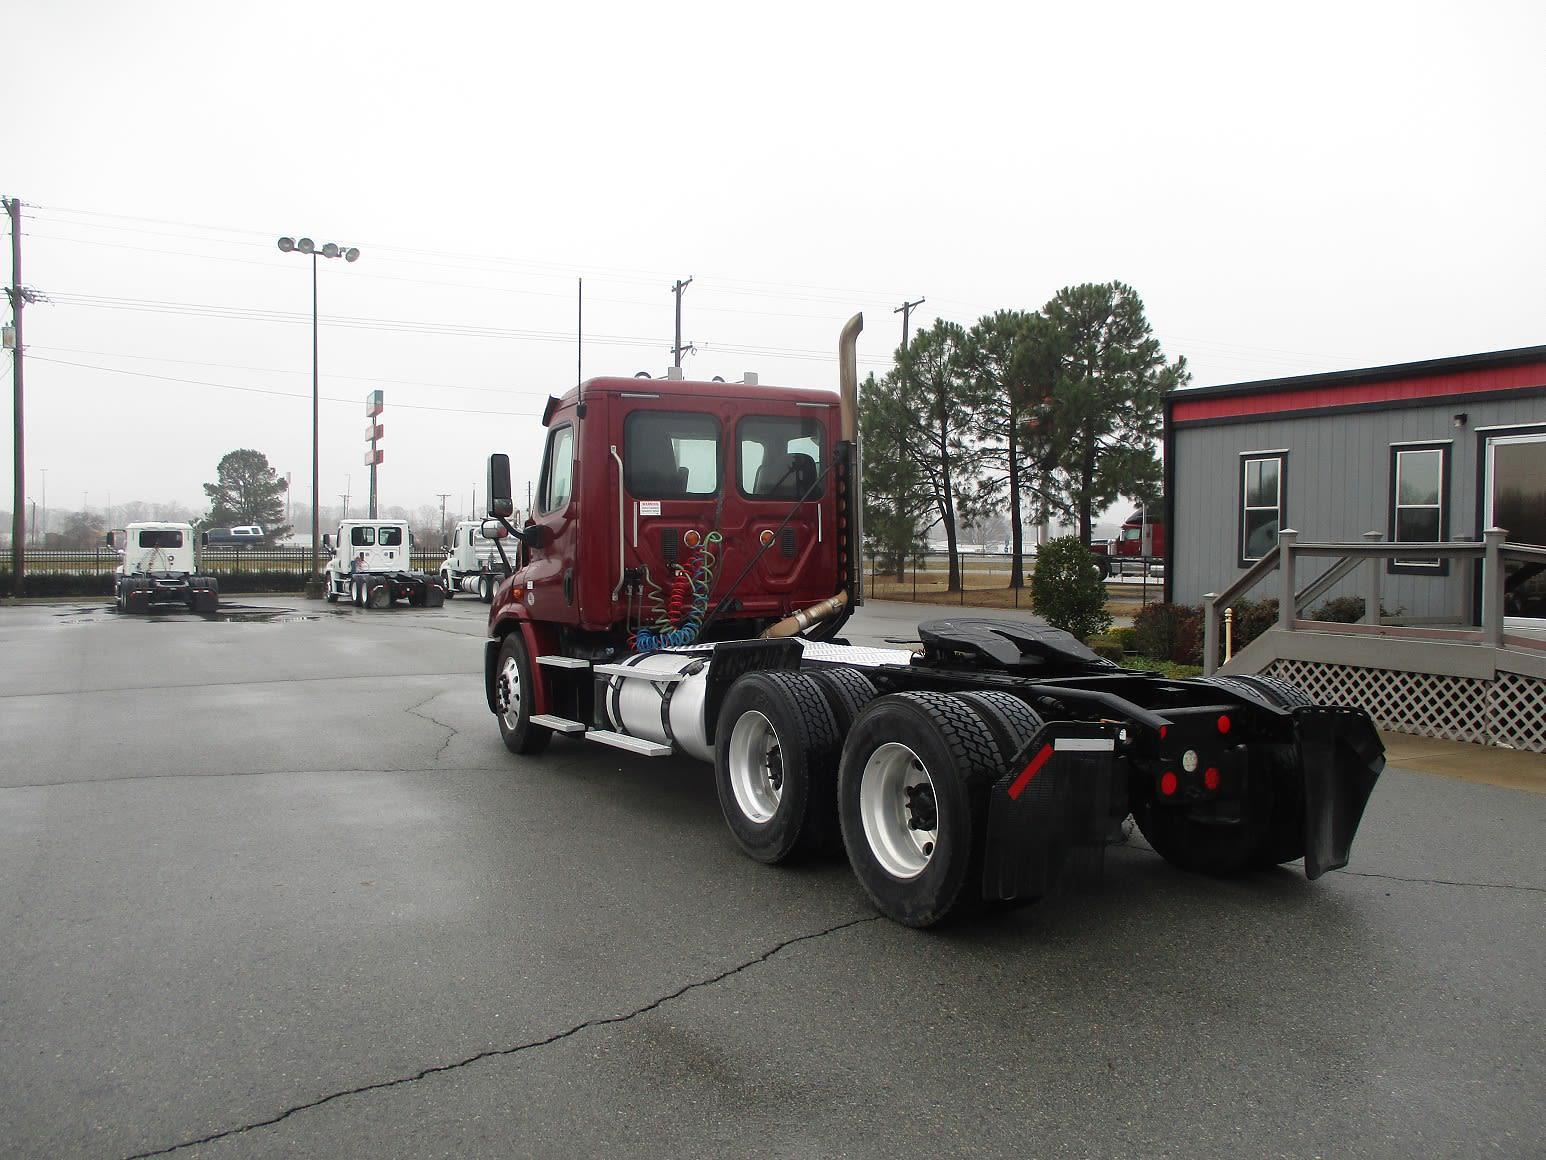 2015 Freightliner Truck 6x4, Tractor #598548 - photo 1